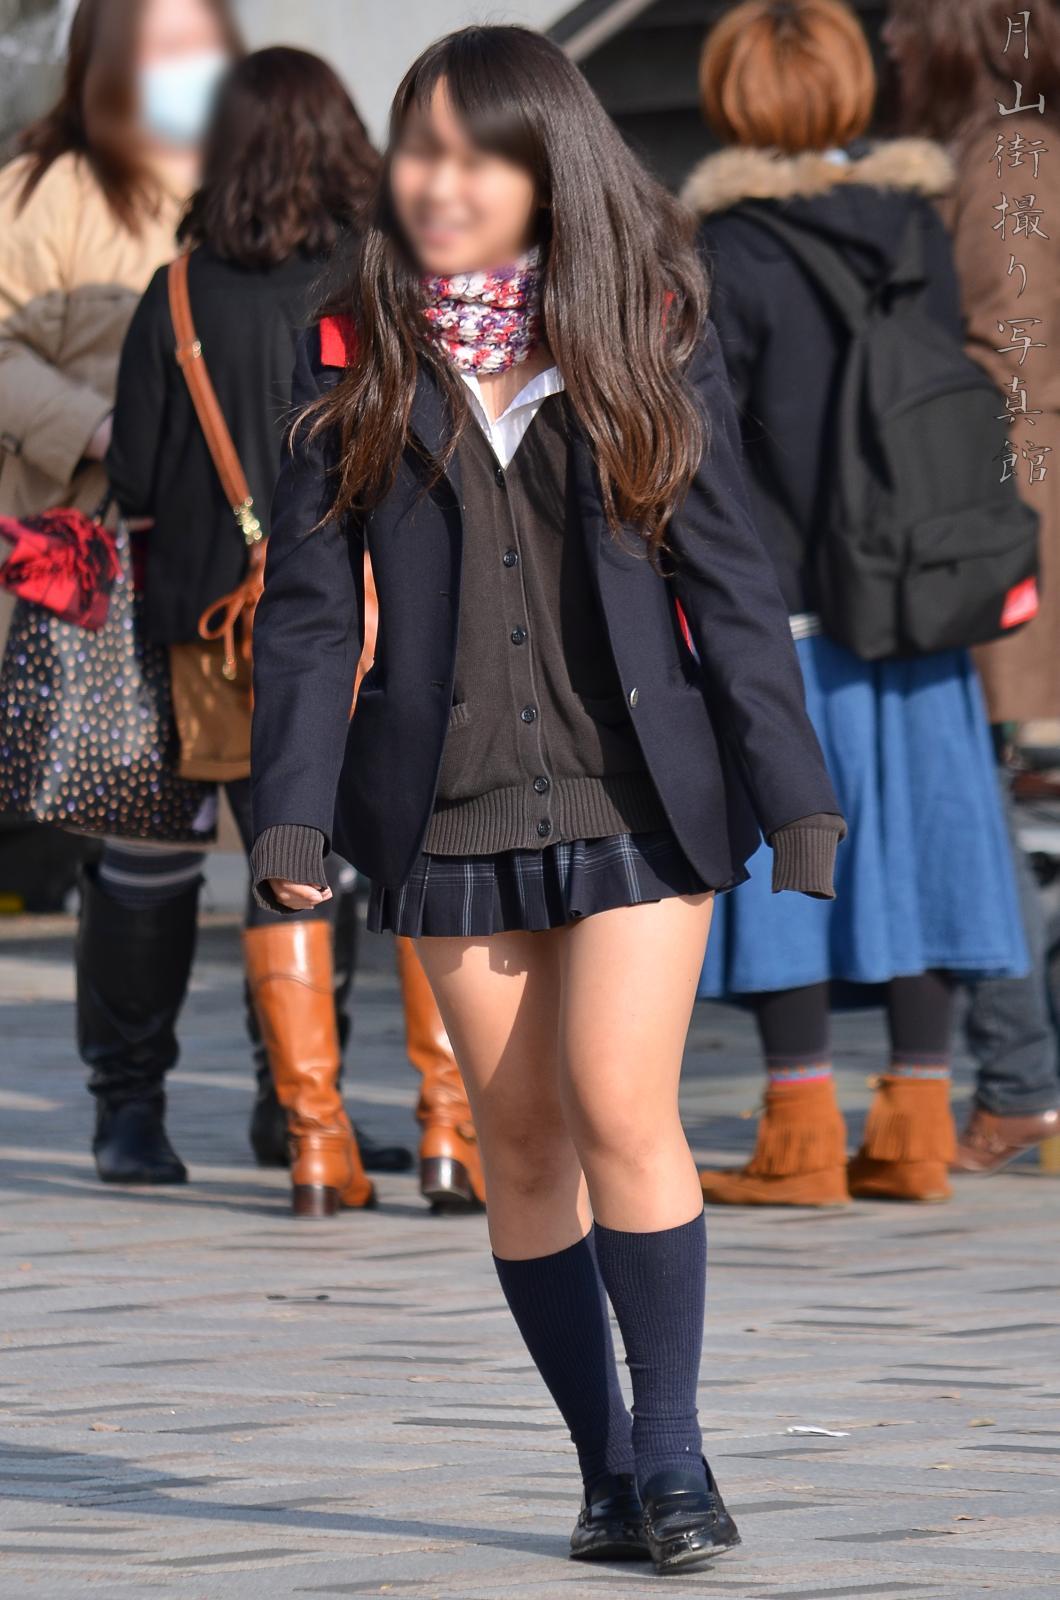 三次元 3次元 エロ画像 街撮り 女子校生 JK べっぴん娘通信 02